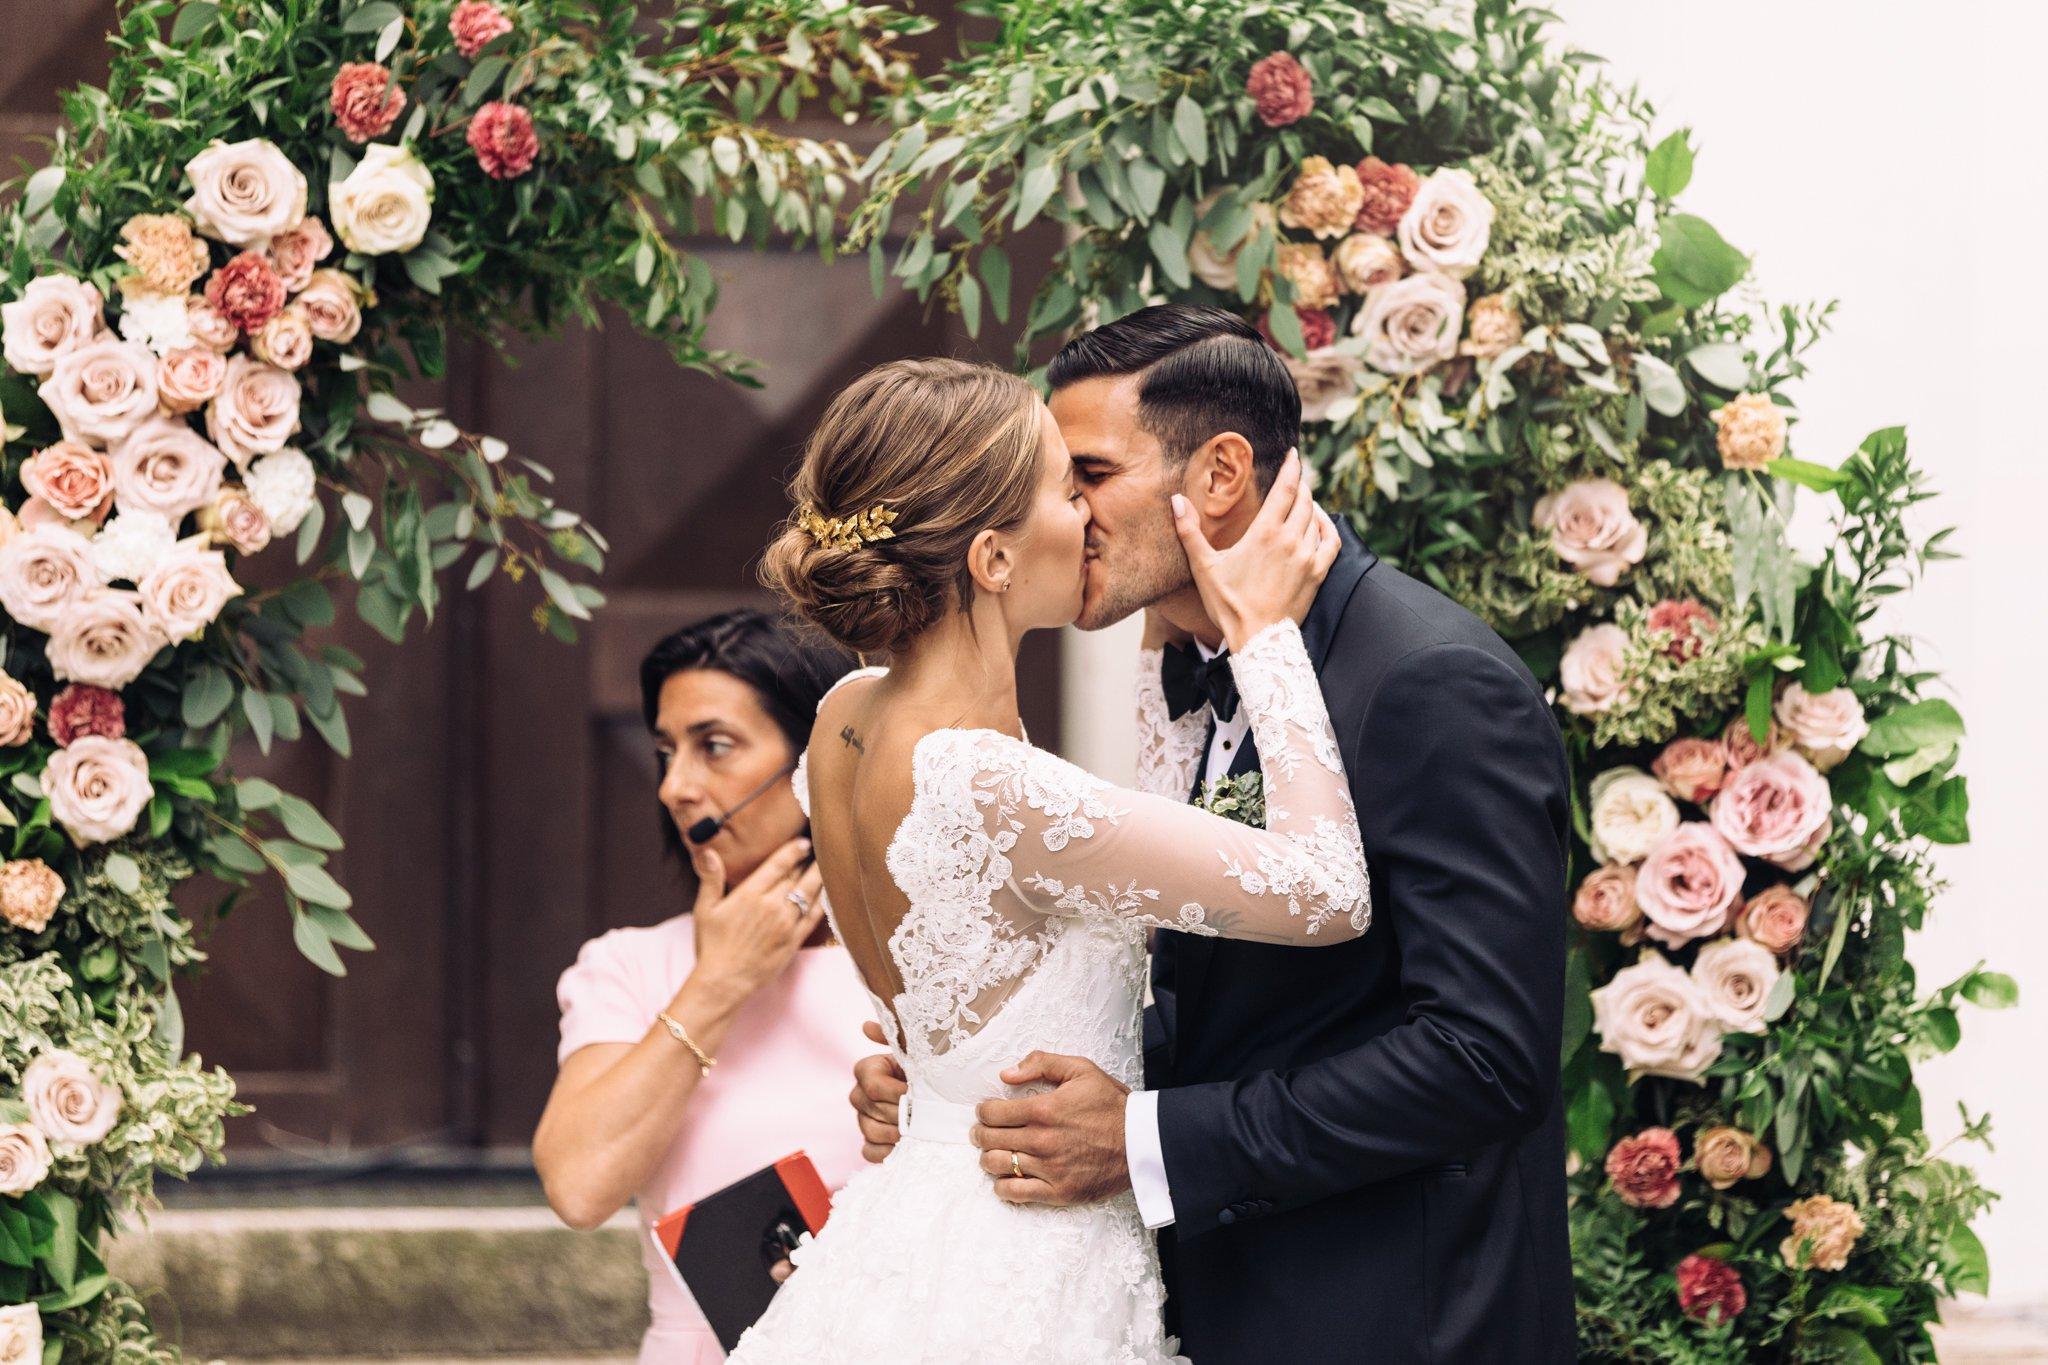 Kenza-Aleks-Wedding-Photo-by-Fabian-Wester-8